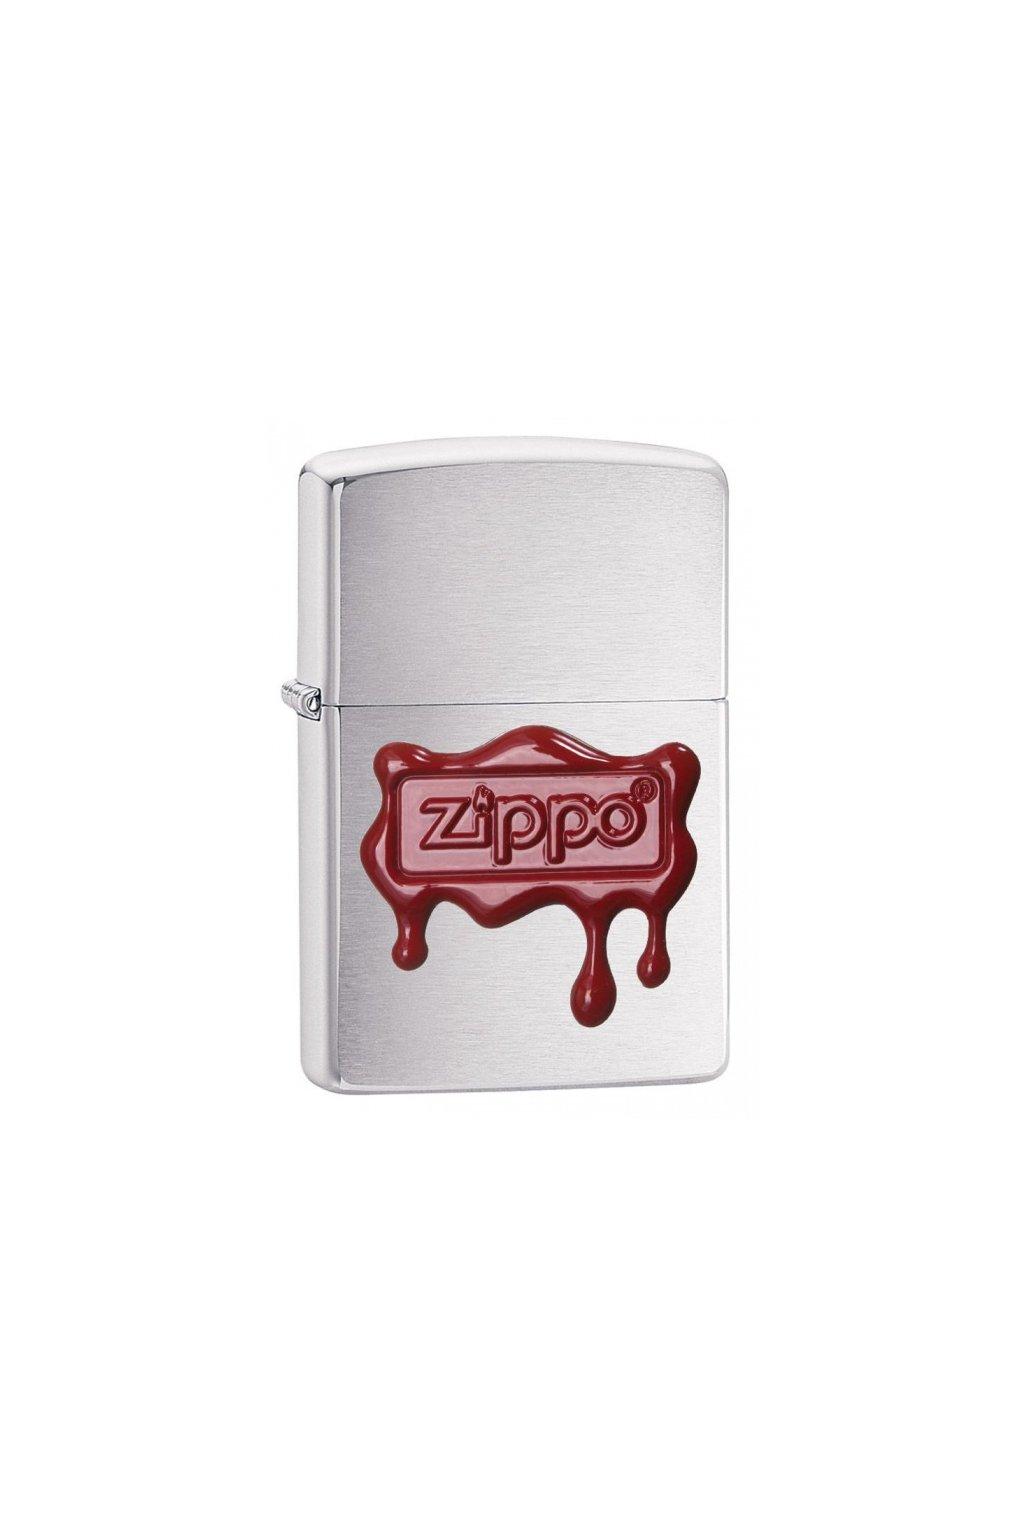 93242 zippo zapalovac 21891 red wax seal